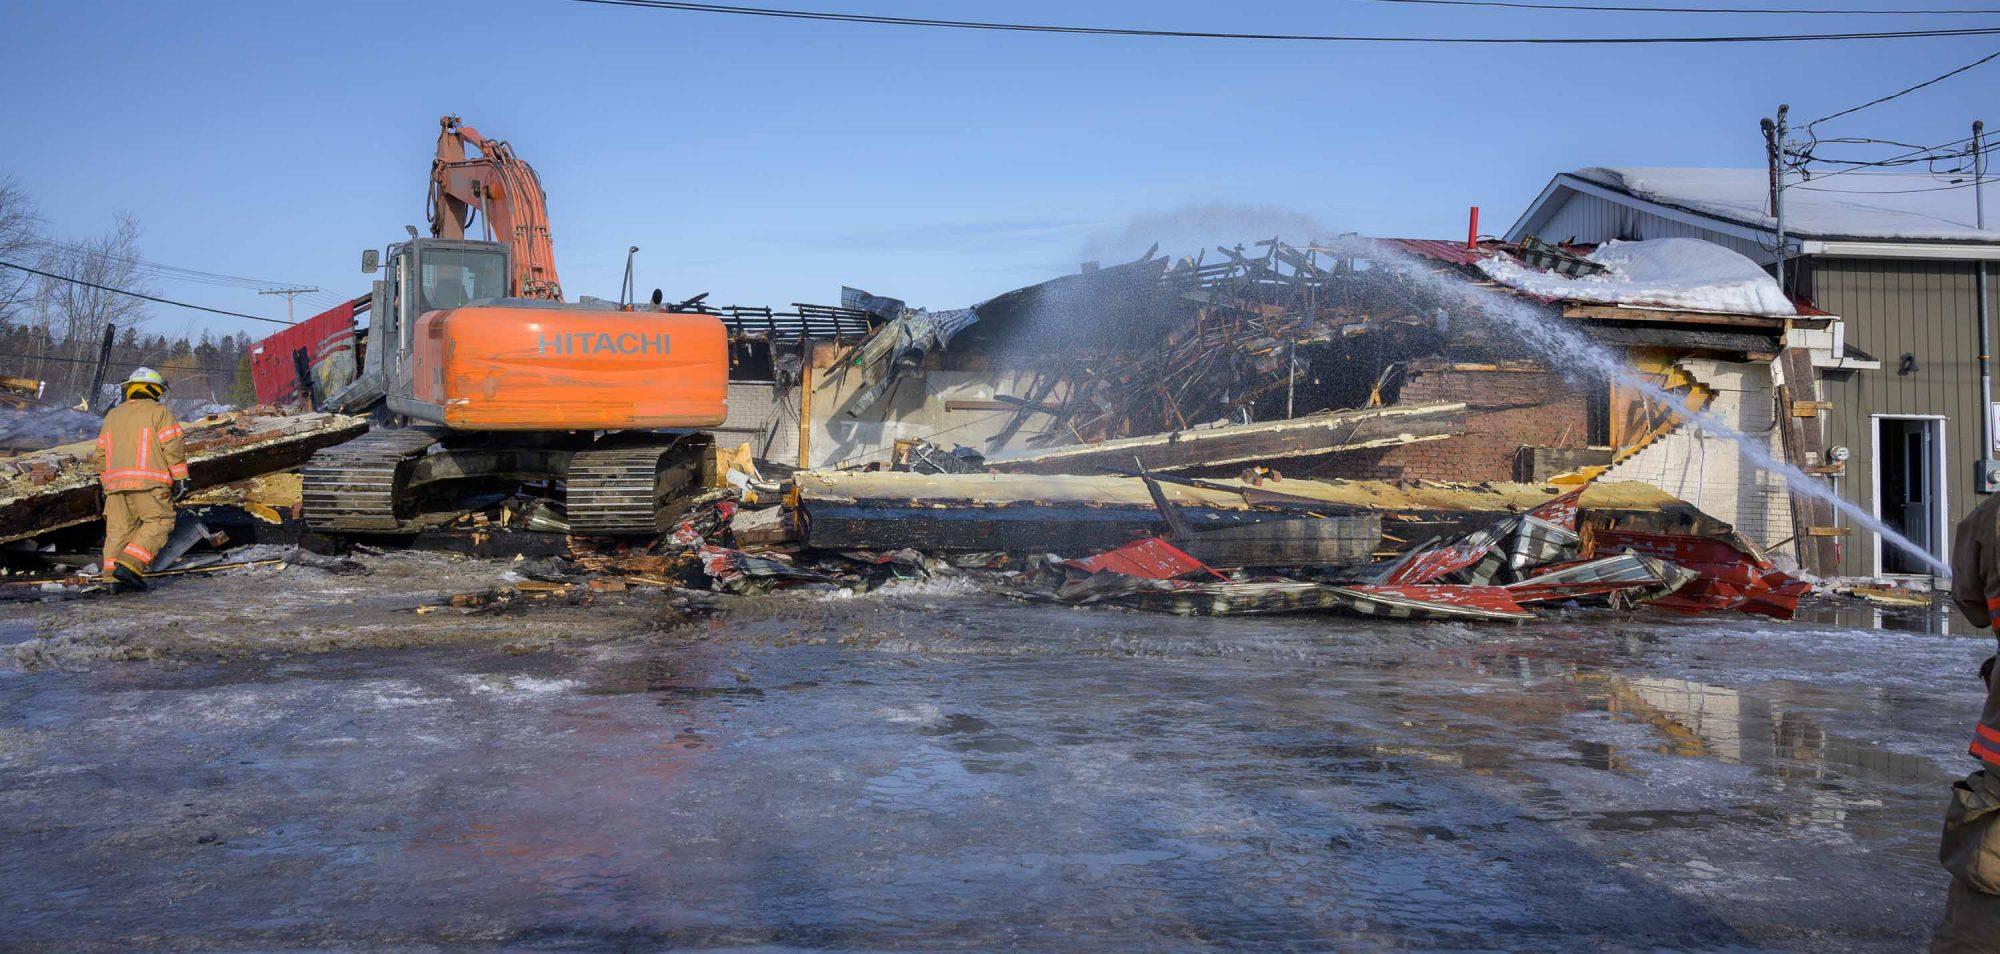 La structure du bâtiment étant devenue instable, il a été démoli dès que l'incendie a été terminé.